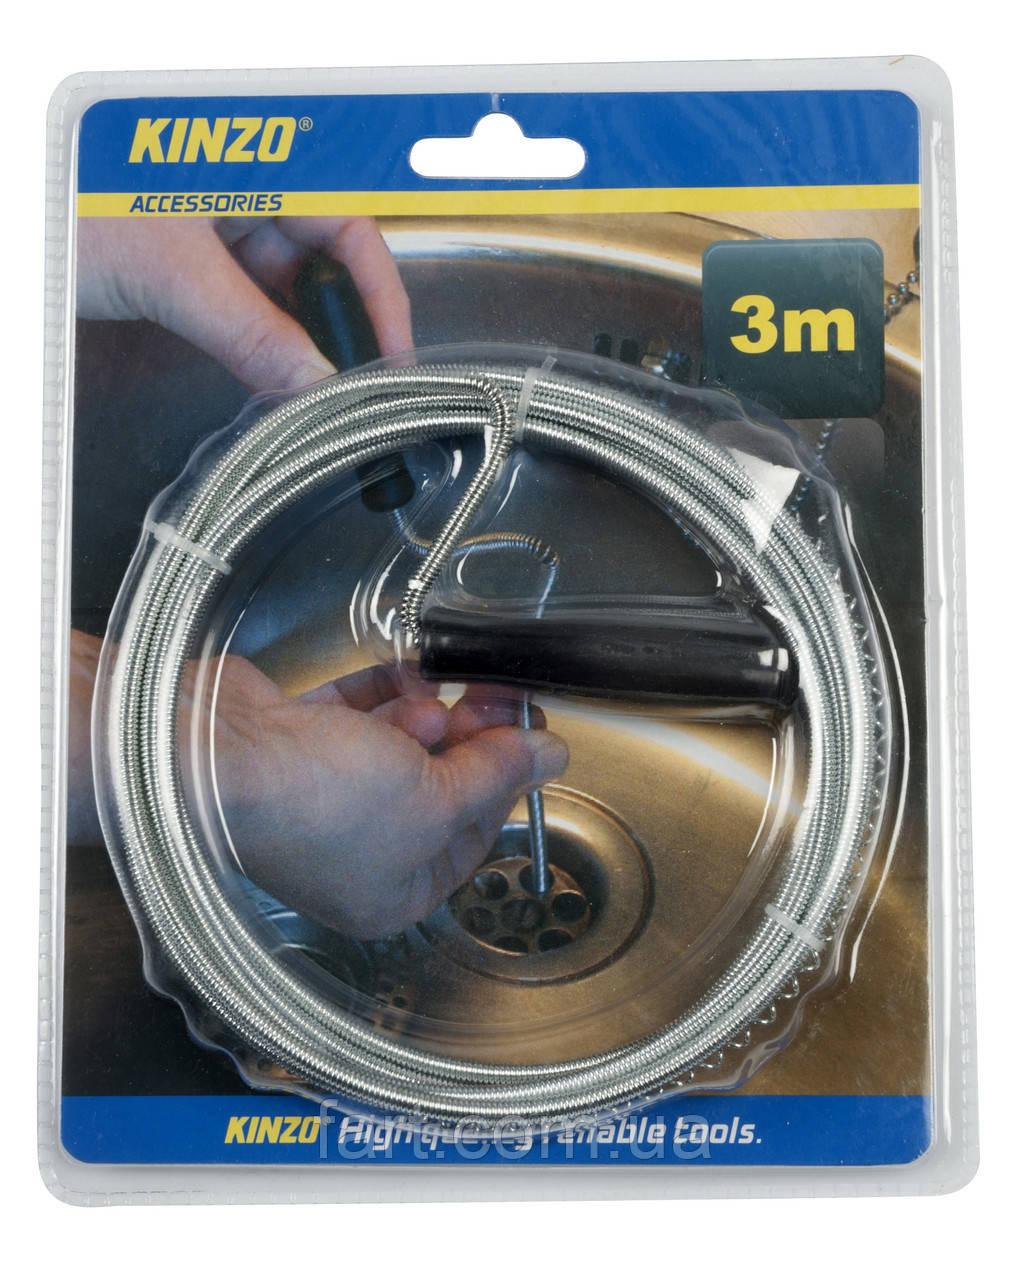 Проволочный очиститель для раковины 3 м Kinzo KZ 79749